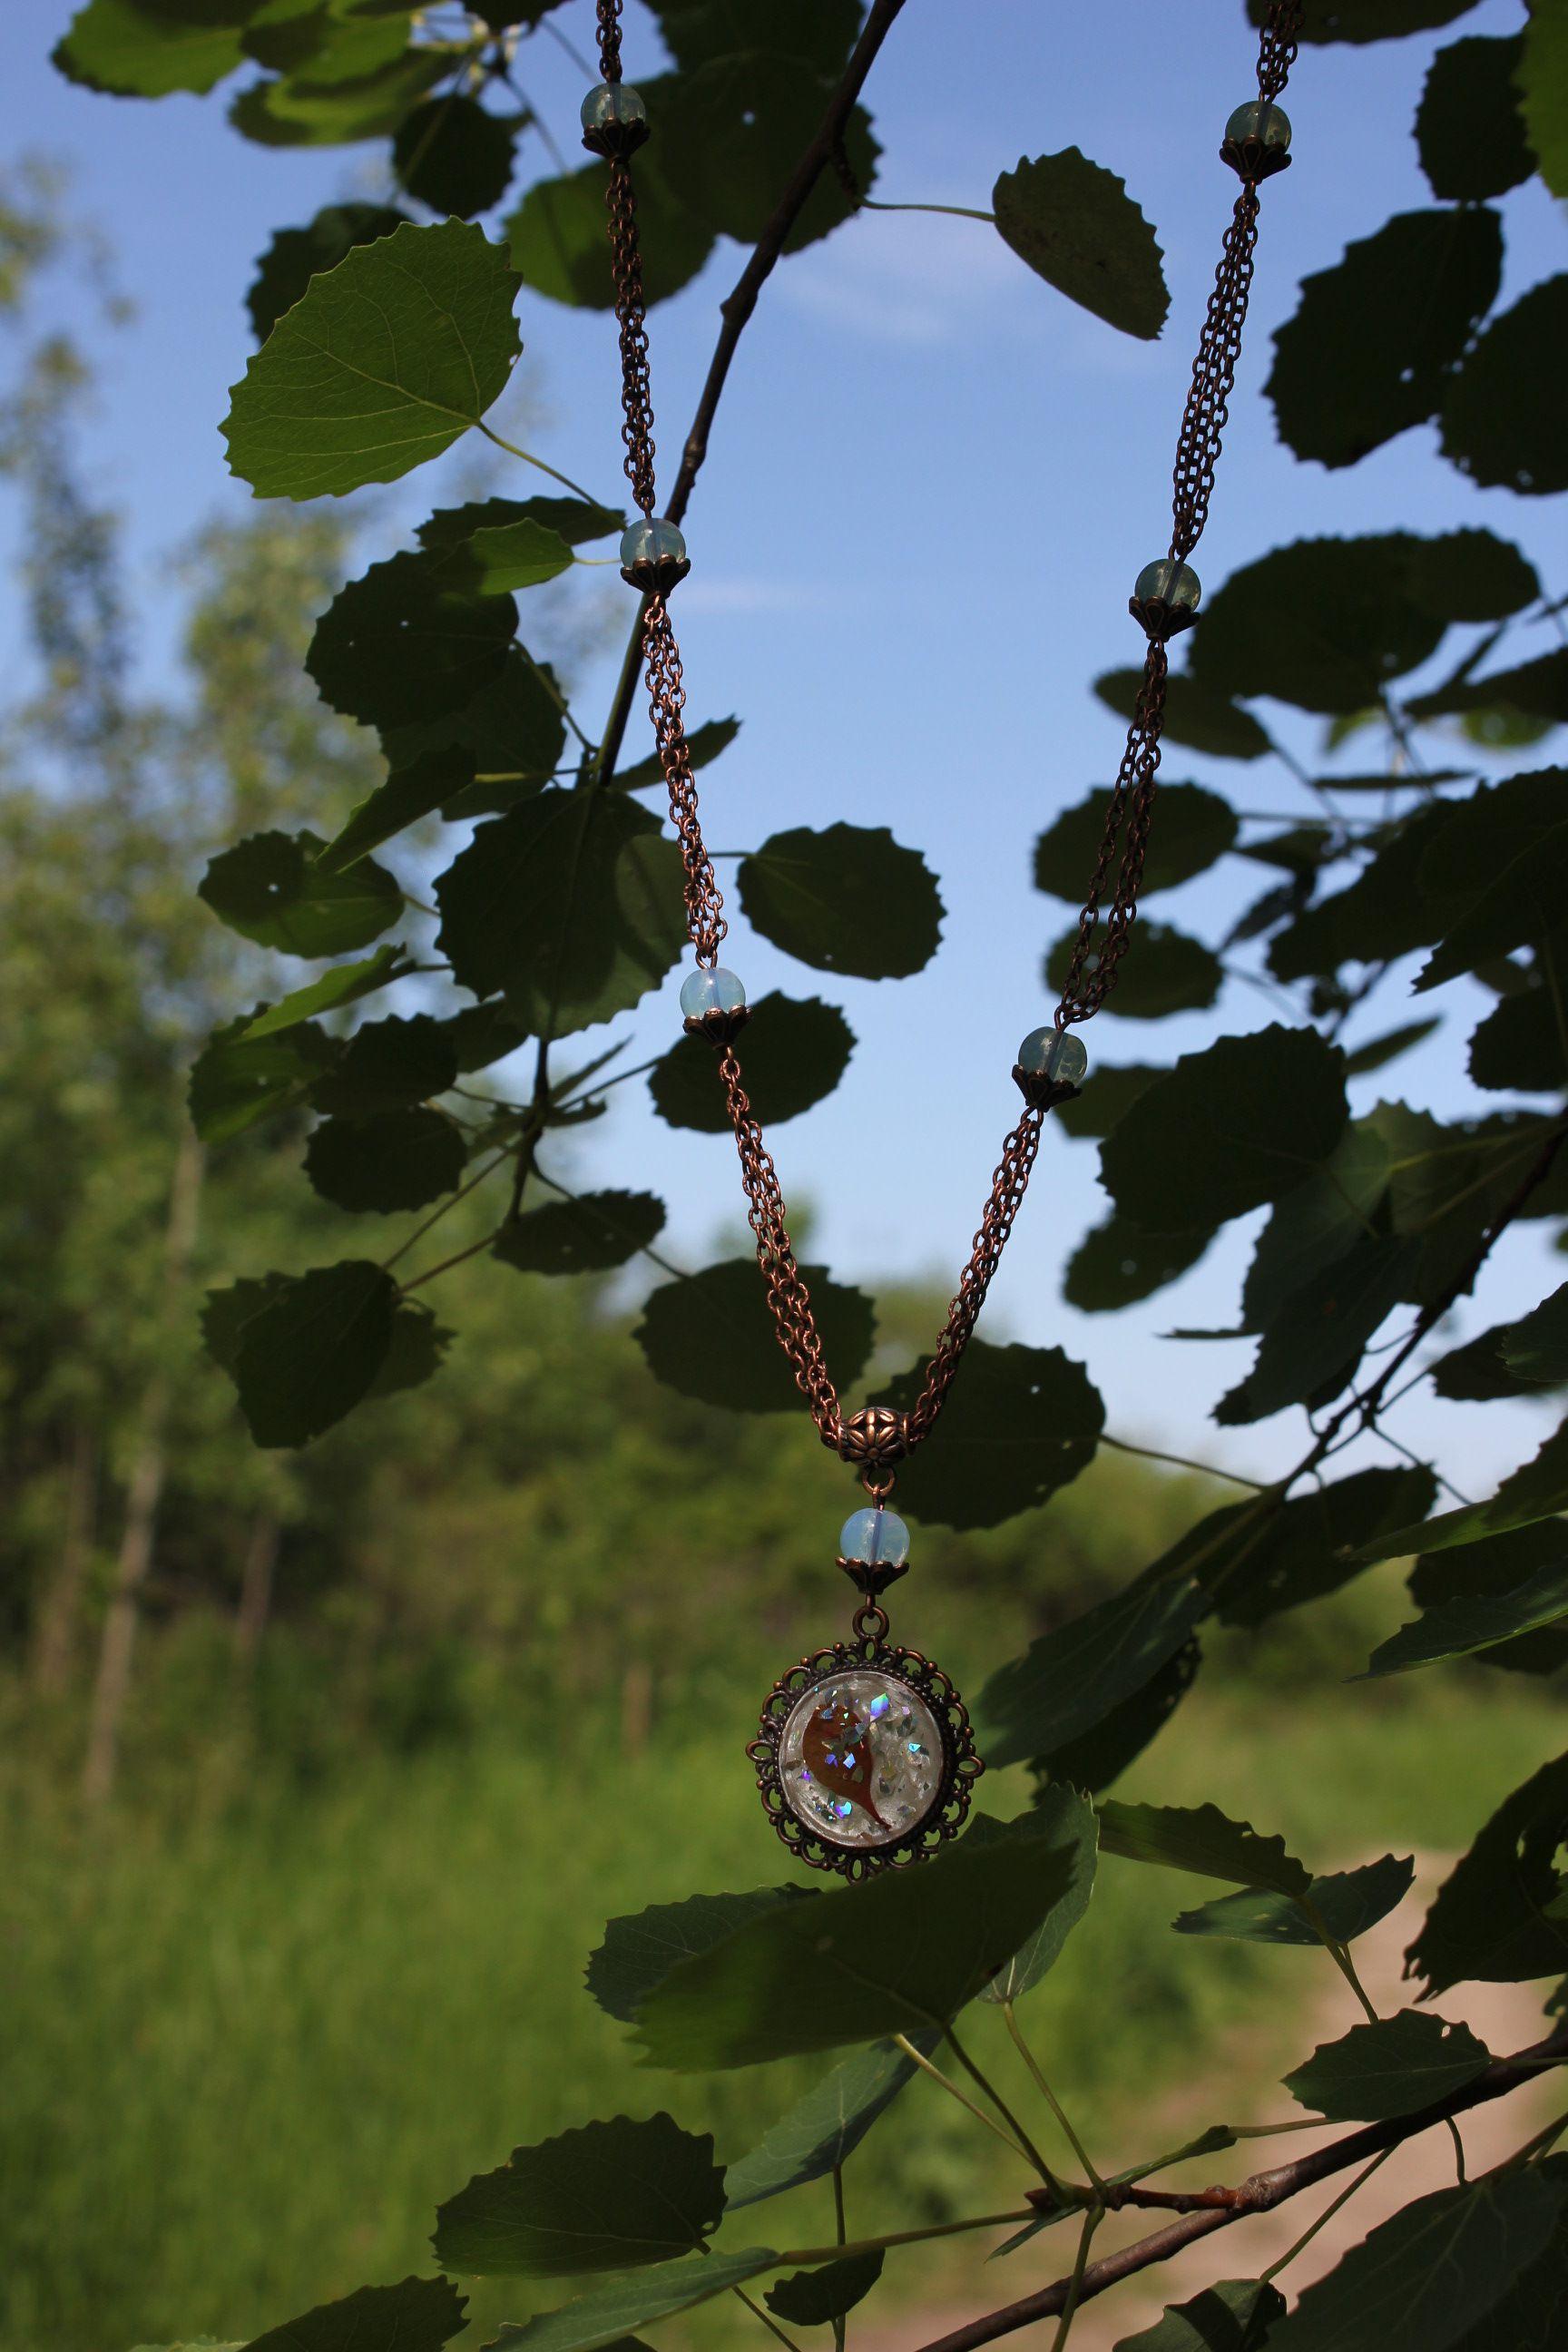 радуга волшебство лист листья чудо блеск украшение блестки счастье комплект радость красота подарок